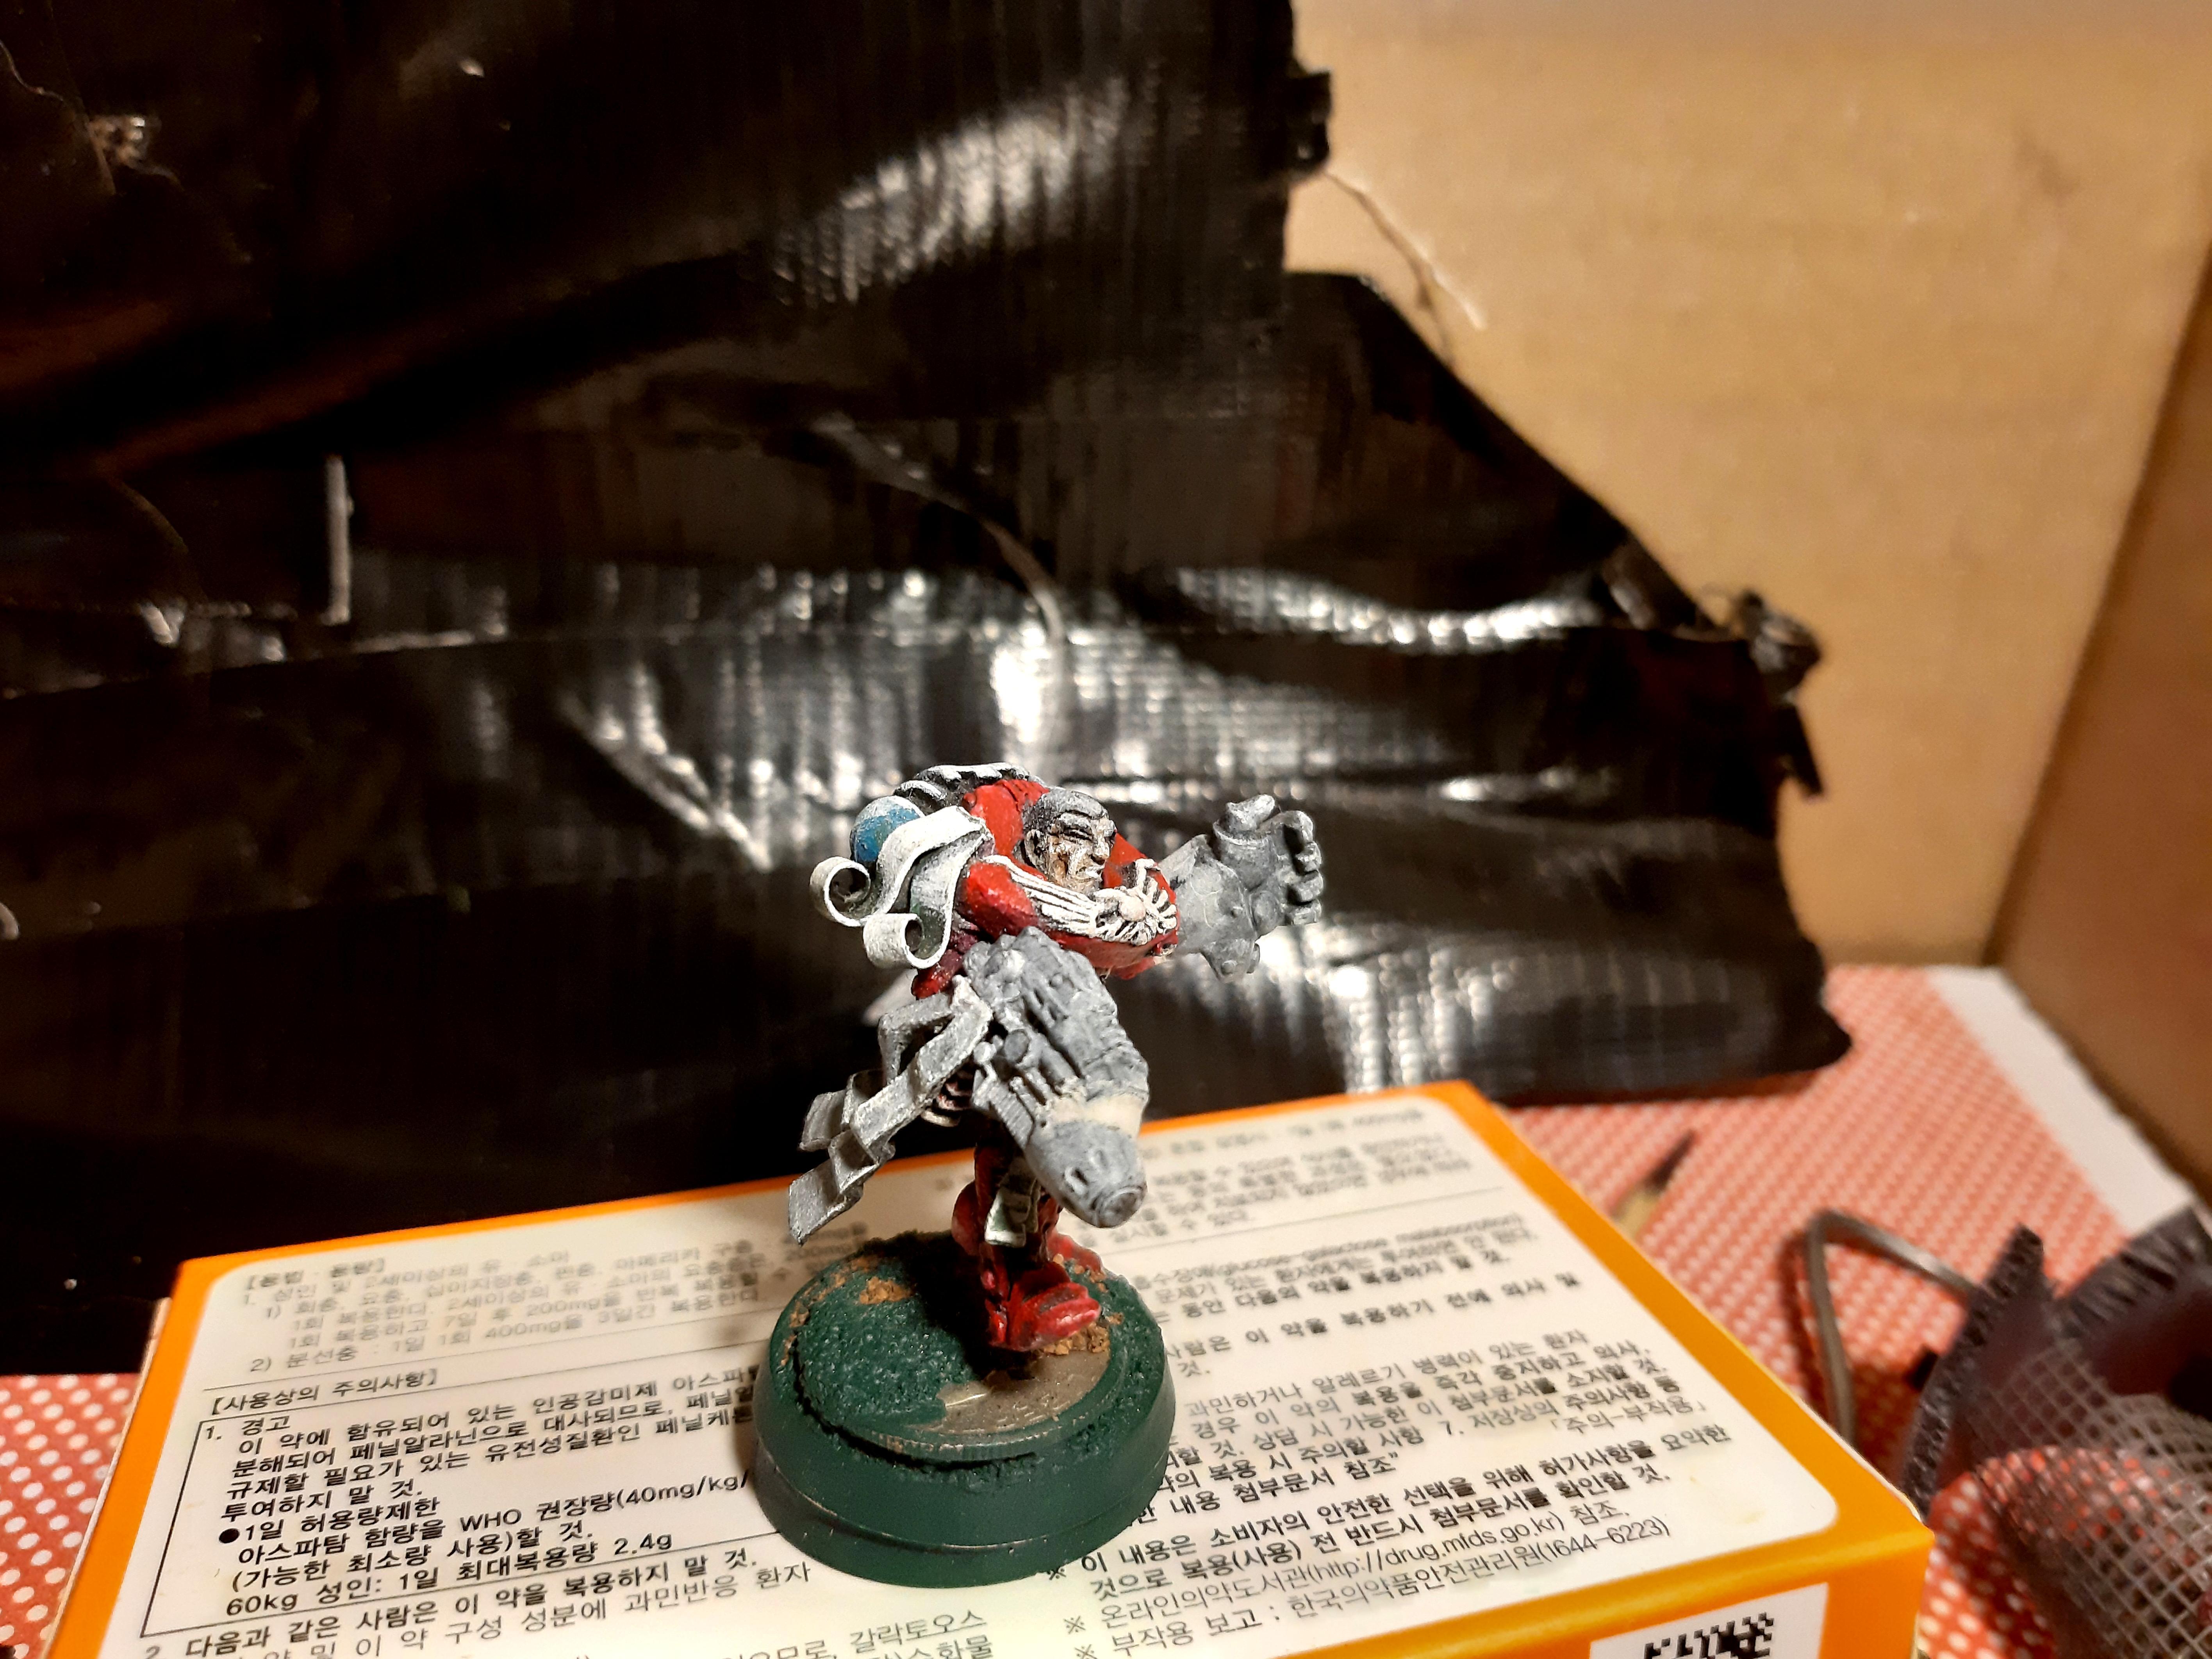 Inquisitor, Power Armor